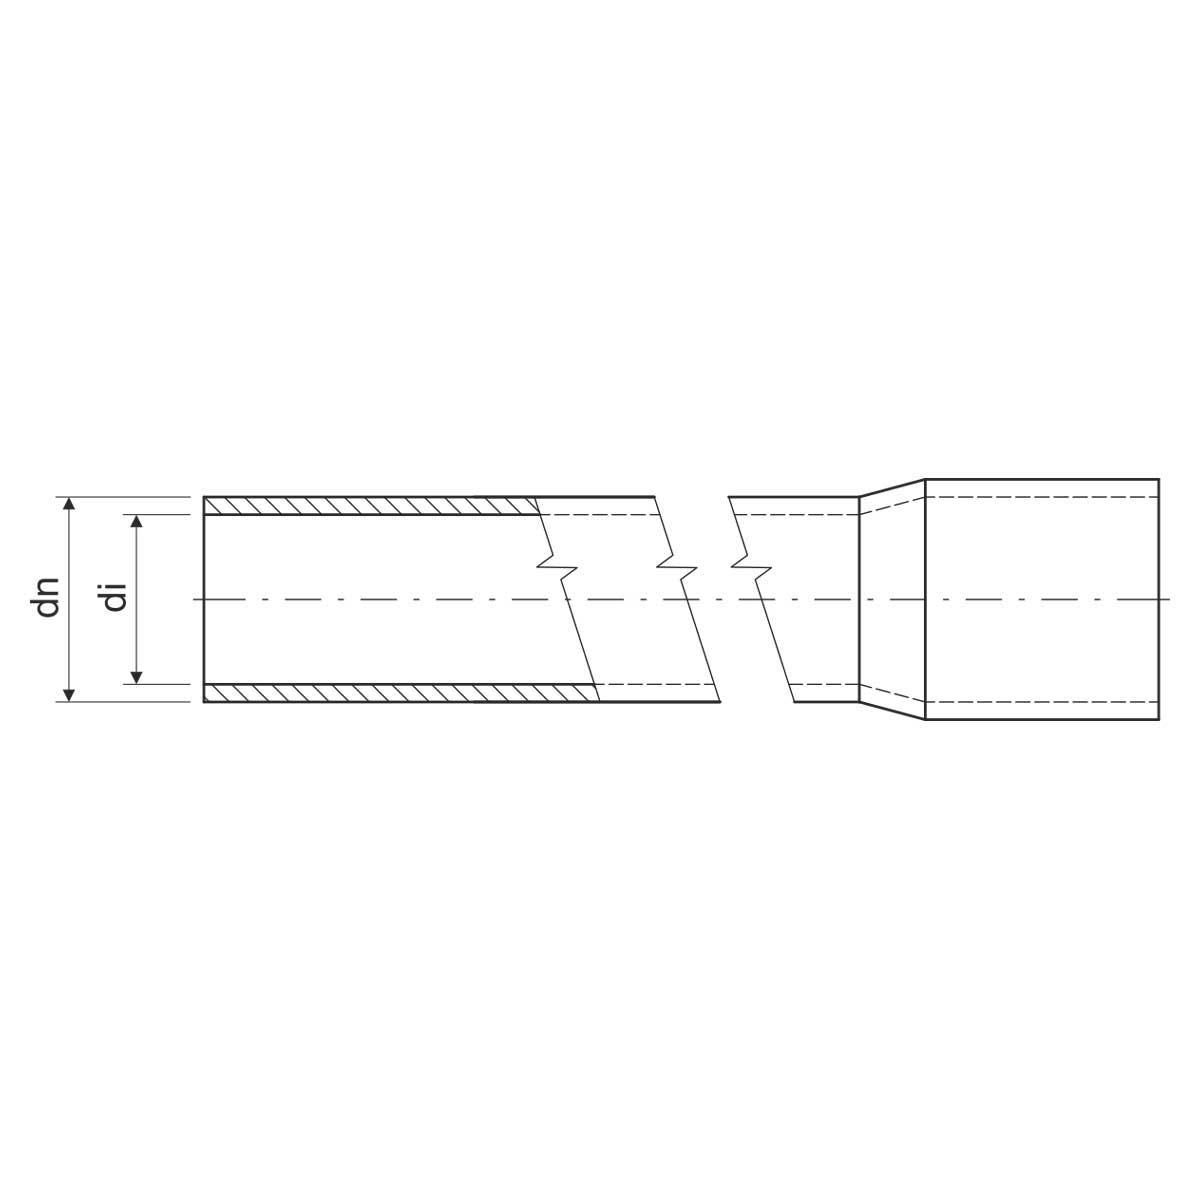 Труба жорстка 750 N/5см з раструбом для з'єднання; Ø20мм; РС; безгалогенна; довжина 3м; застосування -45+90